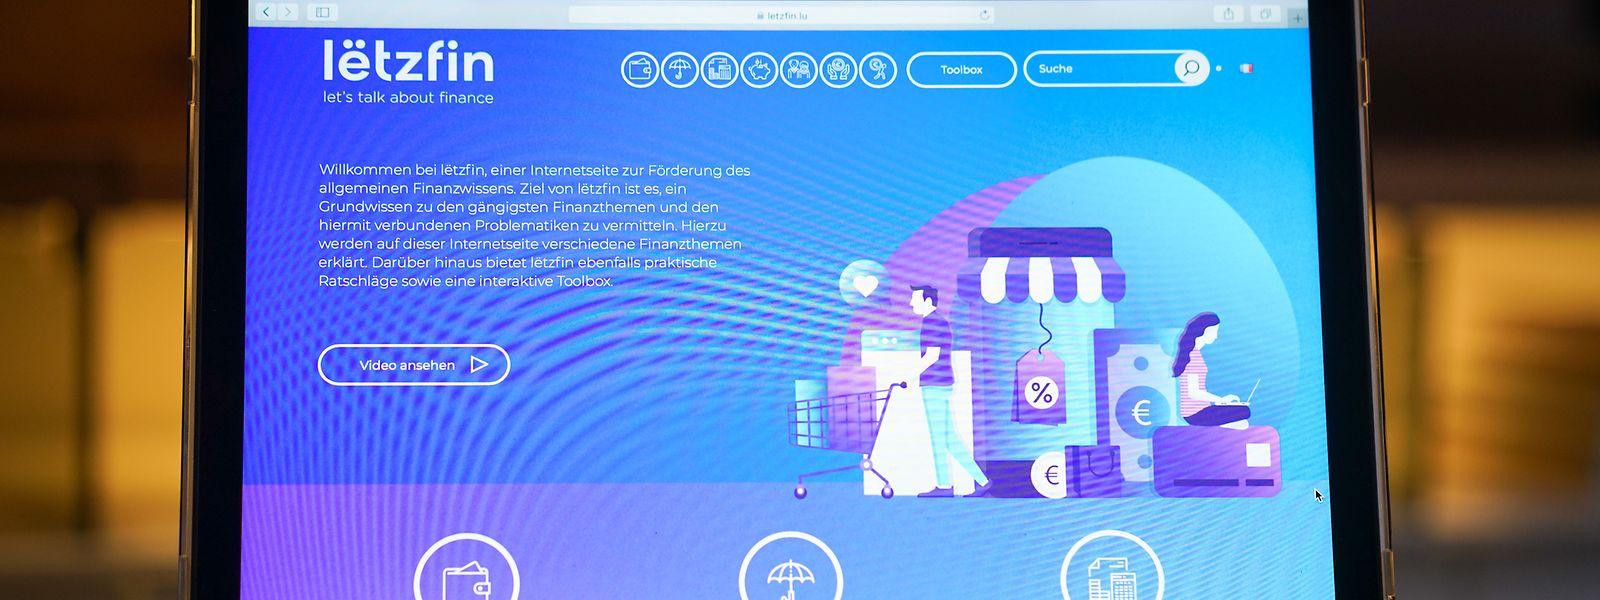 """Die Website """"Lëtzfin.lu"""" wurde vor einem Jahr geschaffen und wird aktuell von mehr als 1.000 Gästen im Monat besucht, wie die Finanzaufsicht CSSF erklärt."""